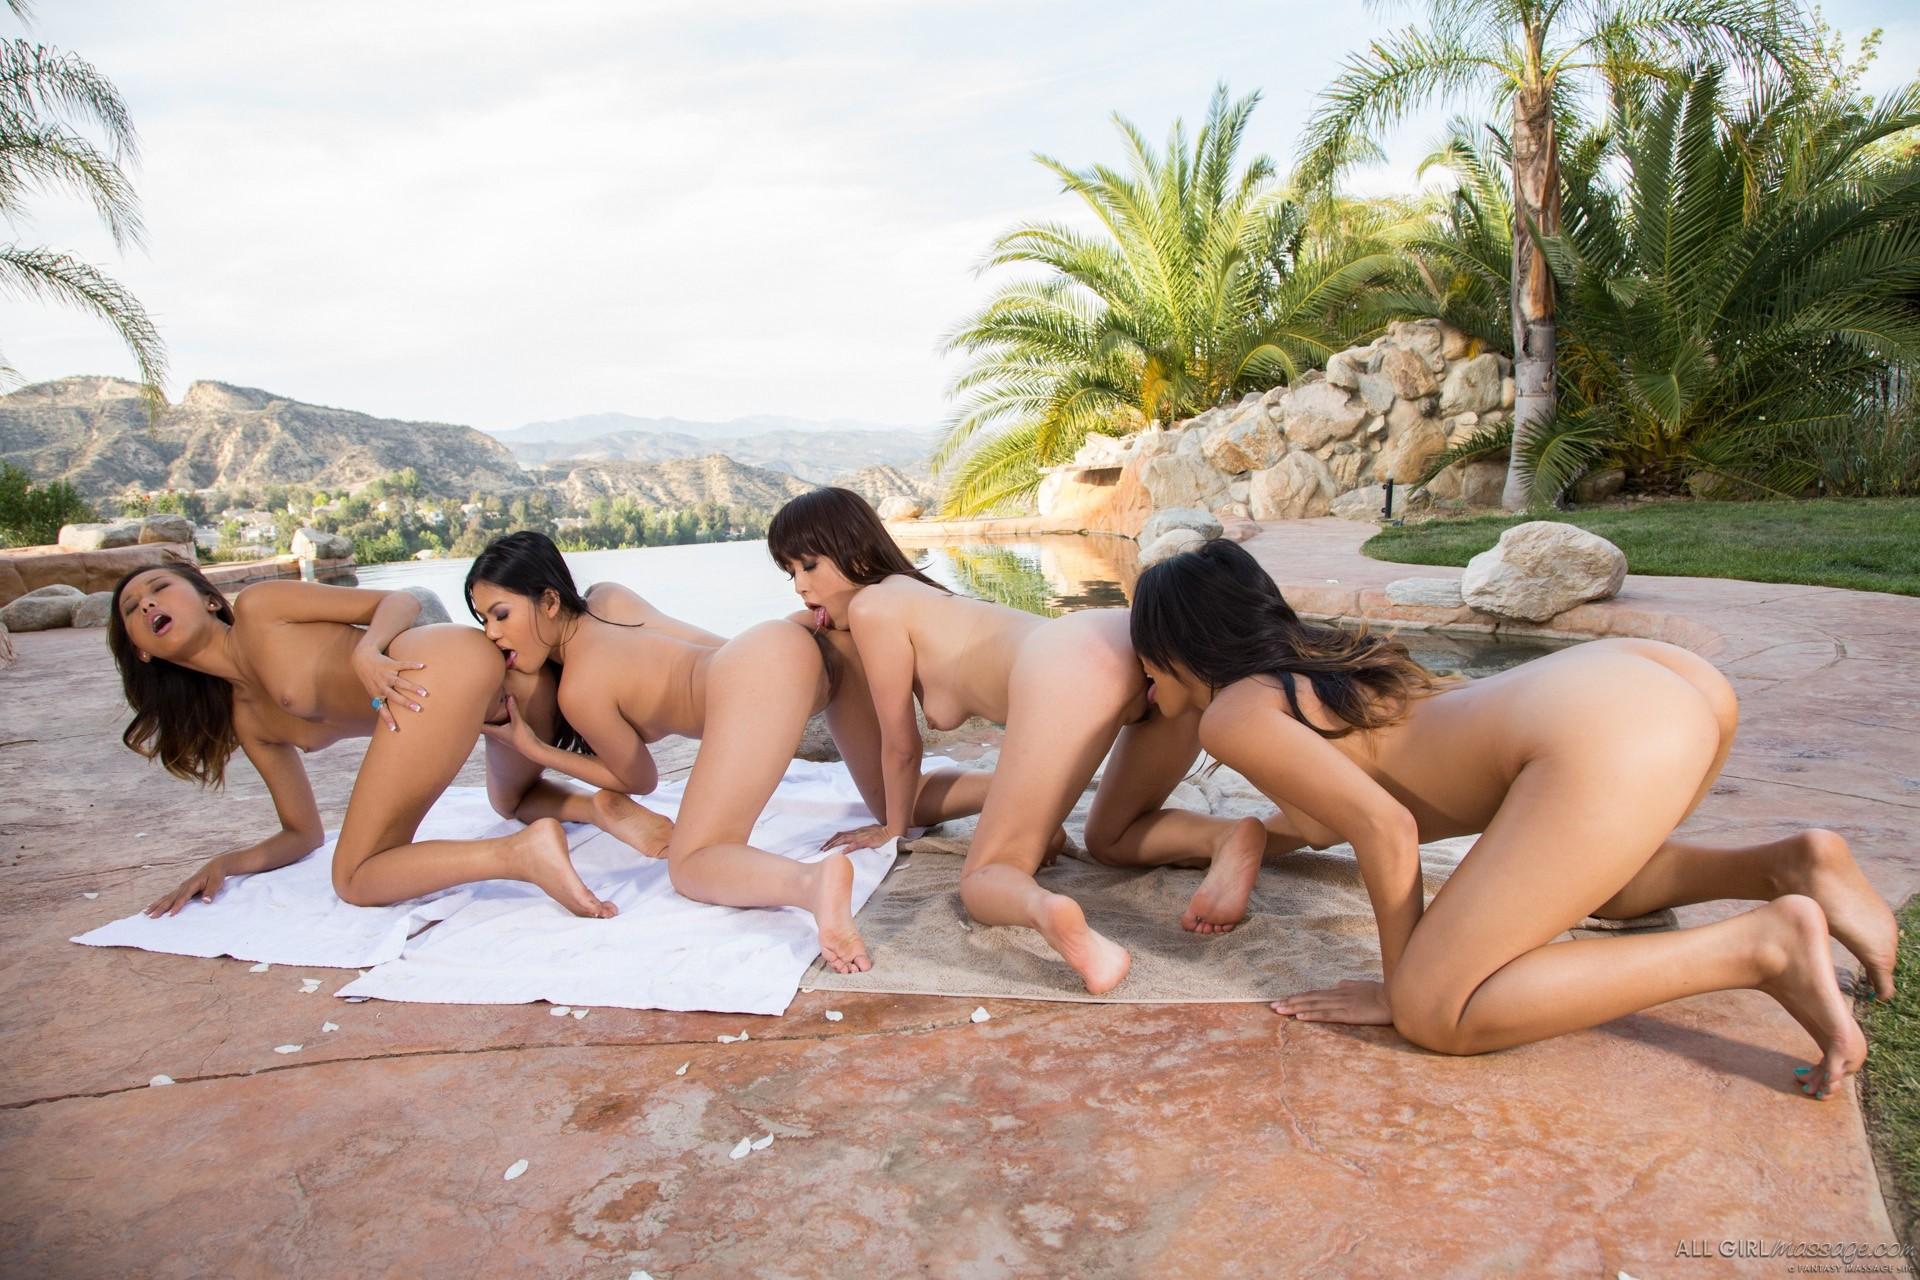 Четыре азиатских лесбиянки устроили страстную оргию у бассейна, после взаимного массажа